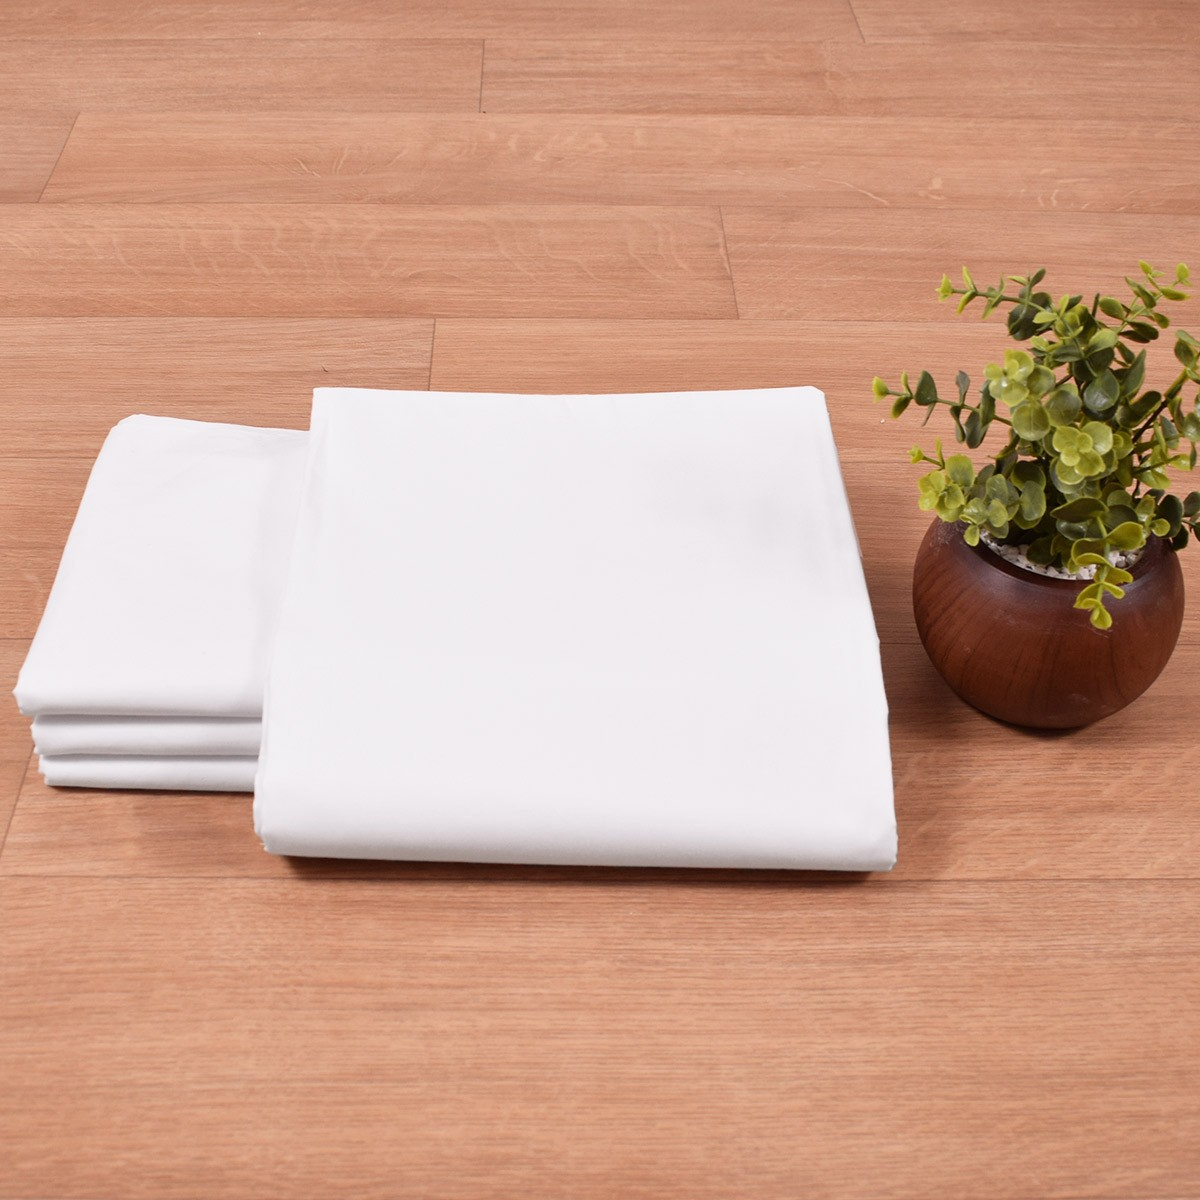 Μαξιλαροθήκη (50×70) 50%Βαμβάκι 50%Polyester T170 73629